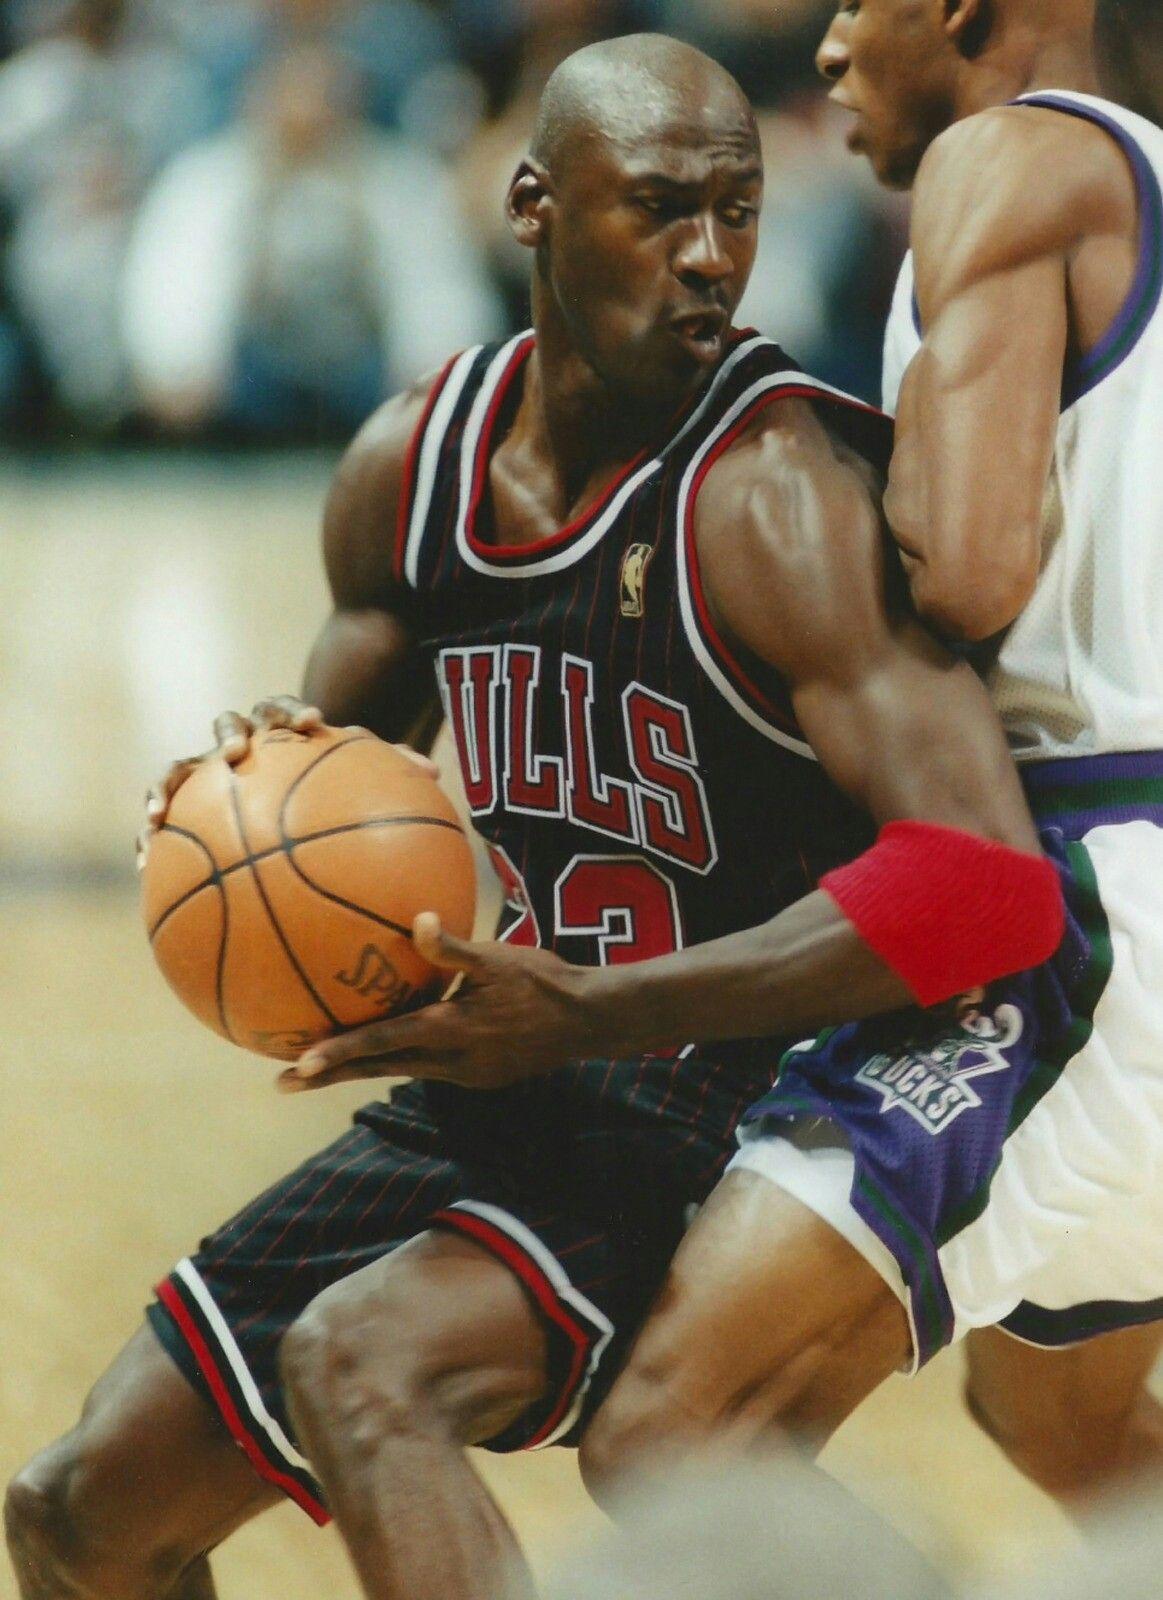 be7ec1e5fa9 Jordan Bulls, Mike Jordan, Michael Jordan Chicago Bulls, All Jordans,  Sports Basketball